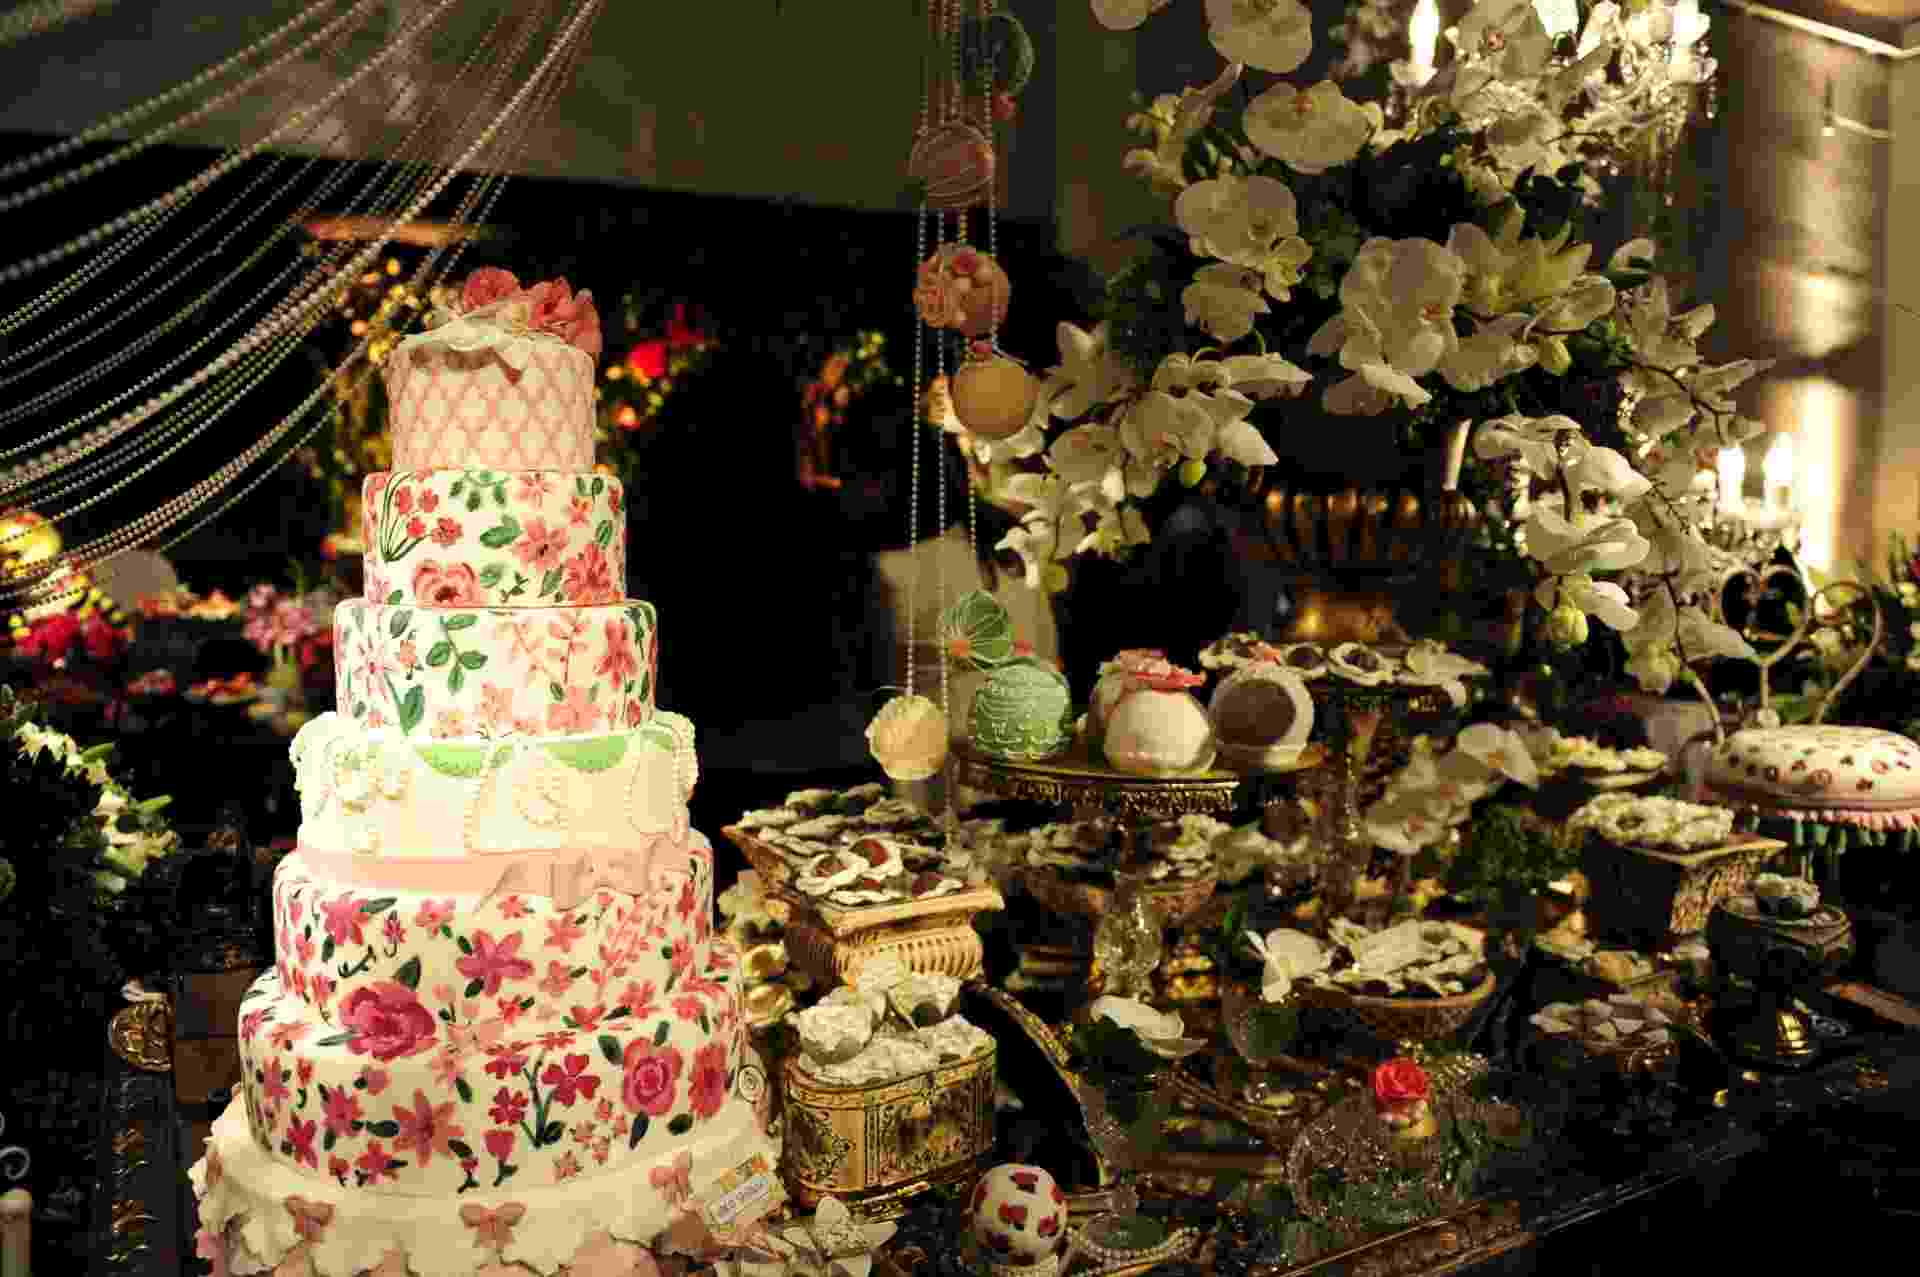 29.abr.2014 - Proposta de mesa da Manô Andrade Doces (www.manodoces.com.br) com decoração da Perfect Flowers (www.perfectflowerscom.br) na Degustar 2014 - Junior Lago/UOL